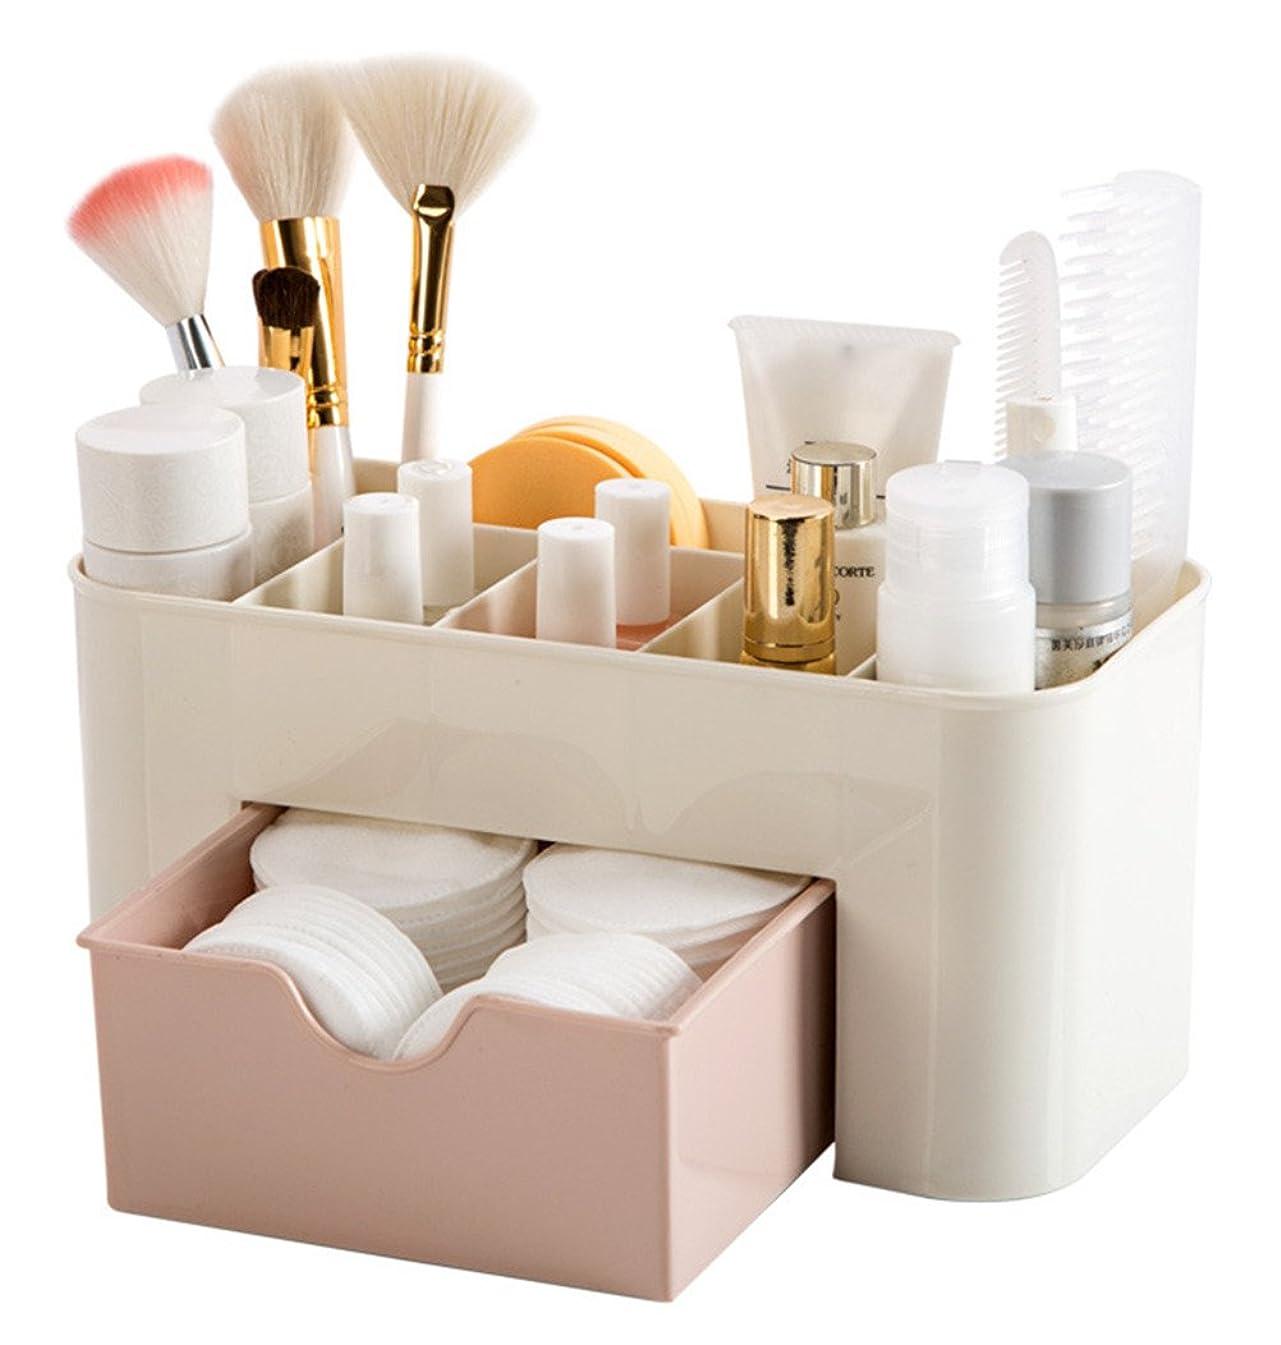 存在魚事実上ZUOMA メークボックス 化粧品収納ボックス コスメスタンド 引き出し式 メークケース 小物/化粧品入れ コスメ収納 透明アクリル 大容量 (ピンク、22*10*10.3CM)